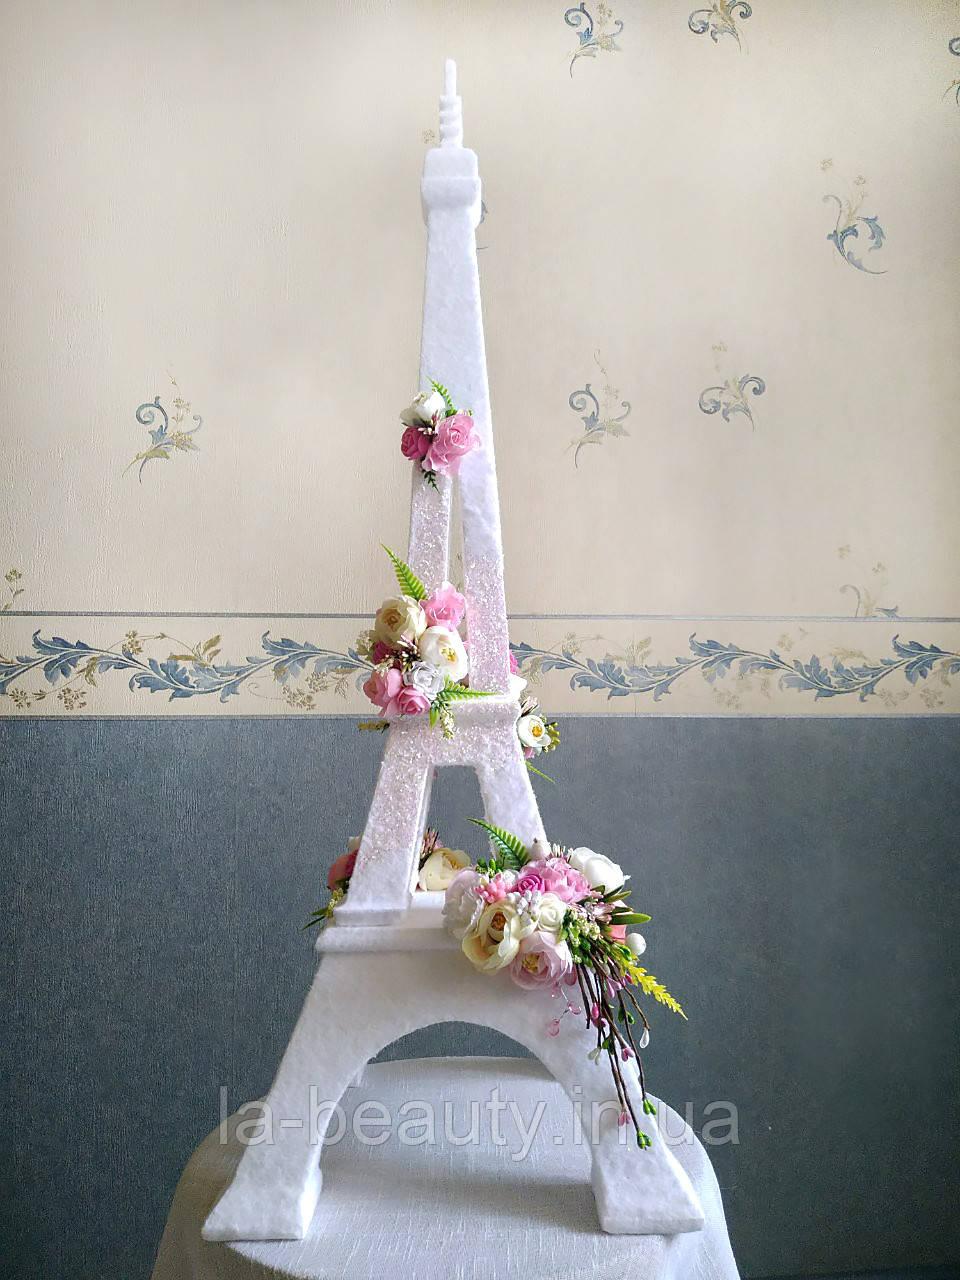 Эйфелева башня декоративная 77 см ручной работы ЭКСКЛЮЗИВ Париж